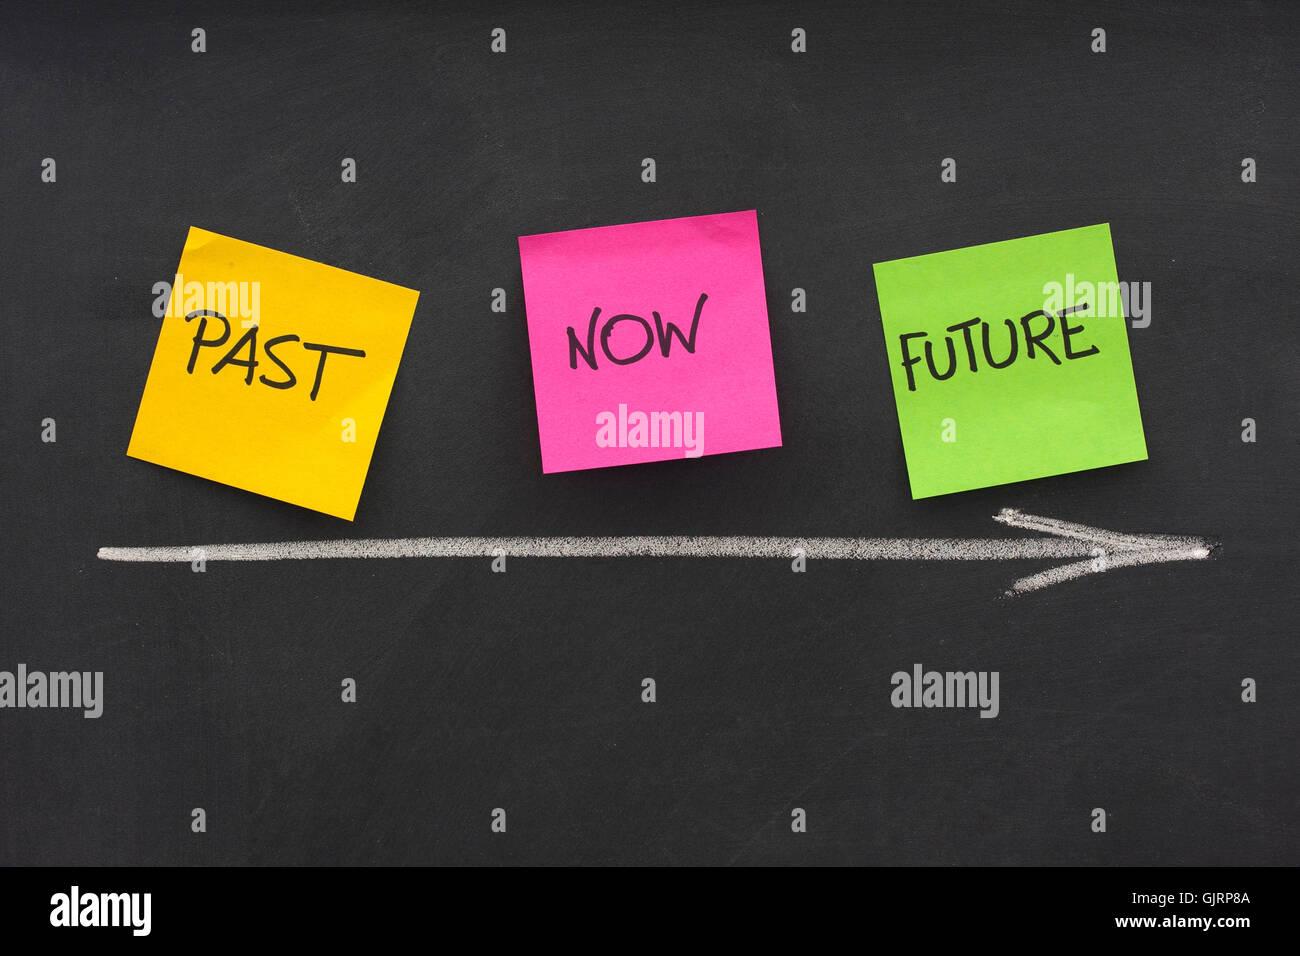 Presente data futura Immagini Stock